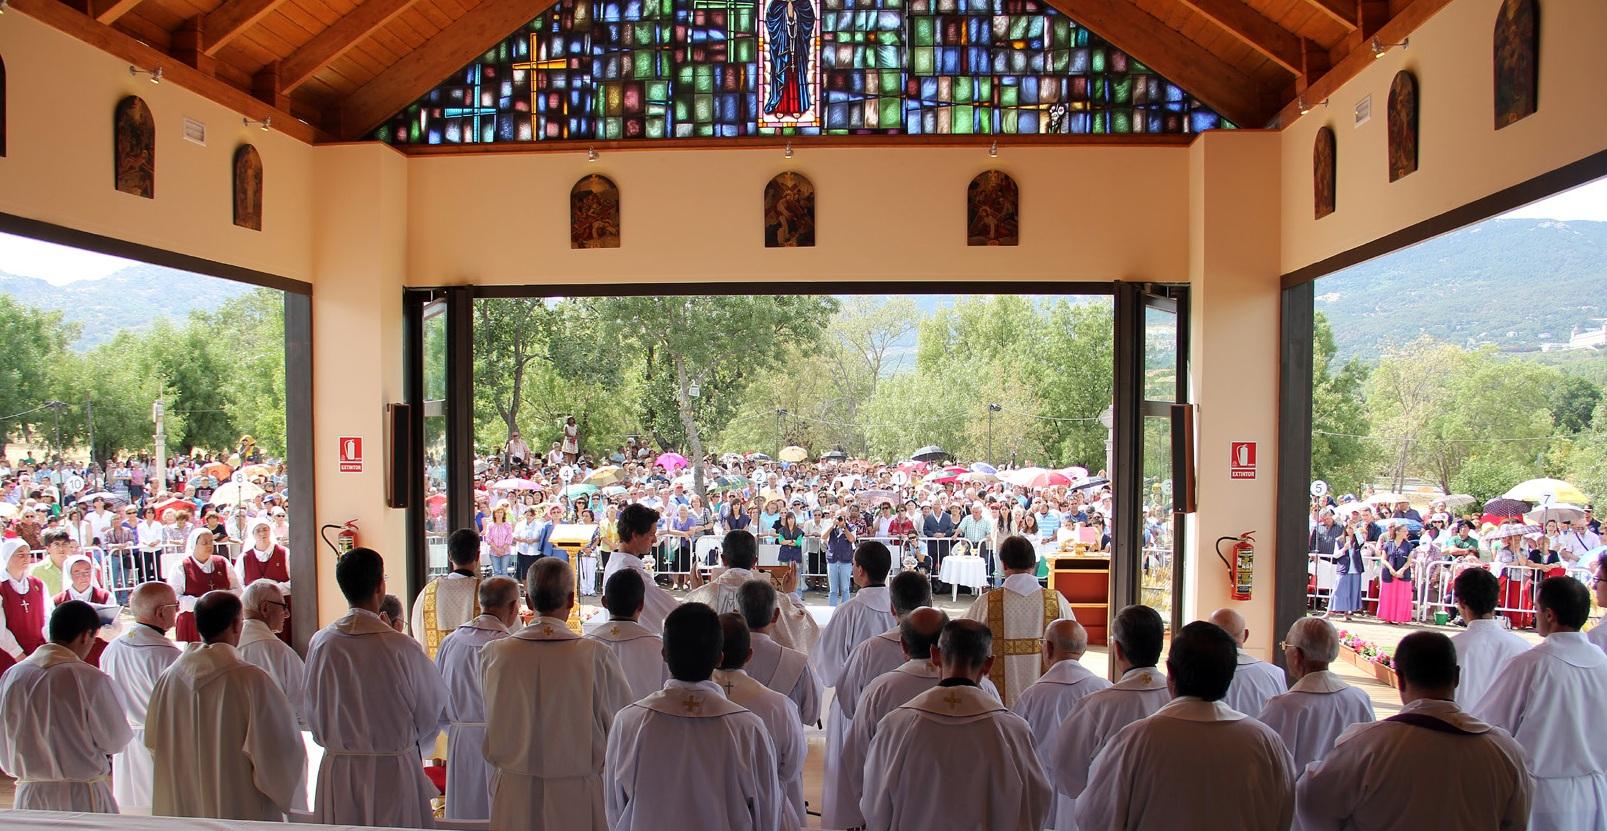 Una de las misas que se dan en la capilla construida en la finca Prado Nuevo de El Escorial, construida en homenaje a la vidente de El Escorial.